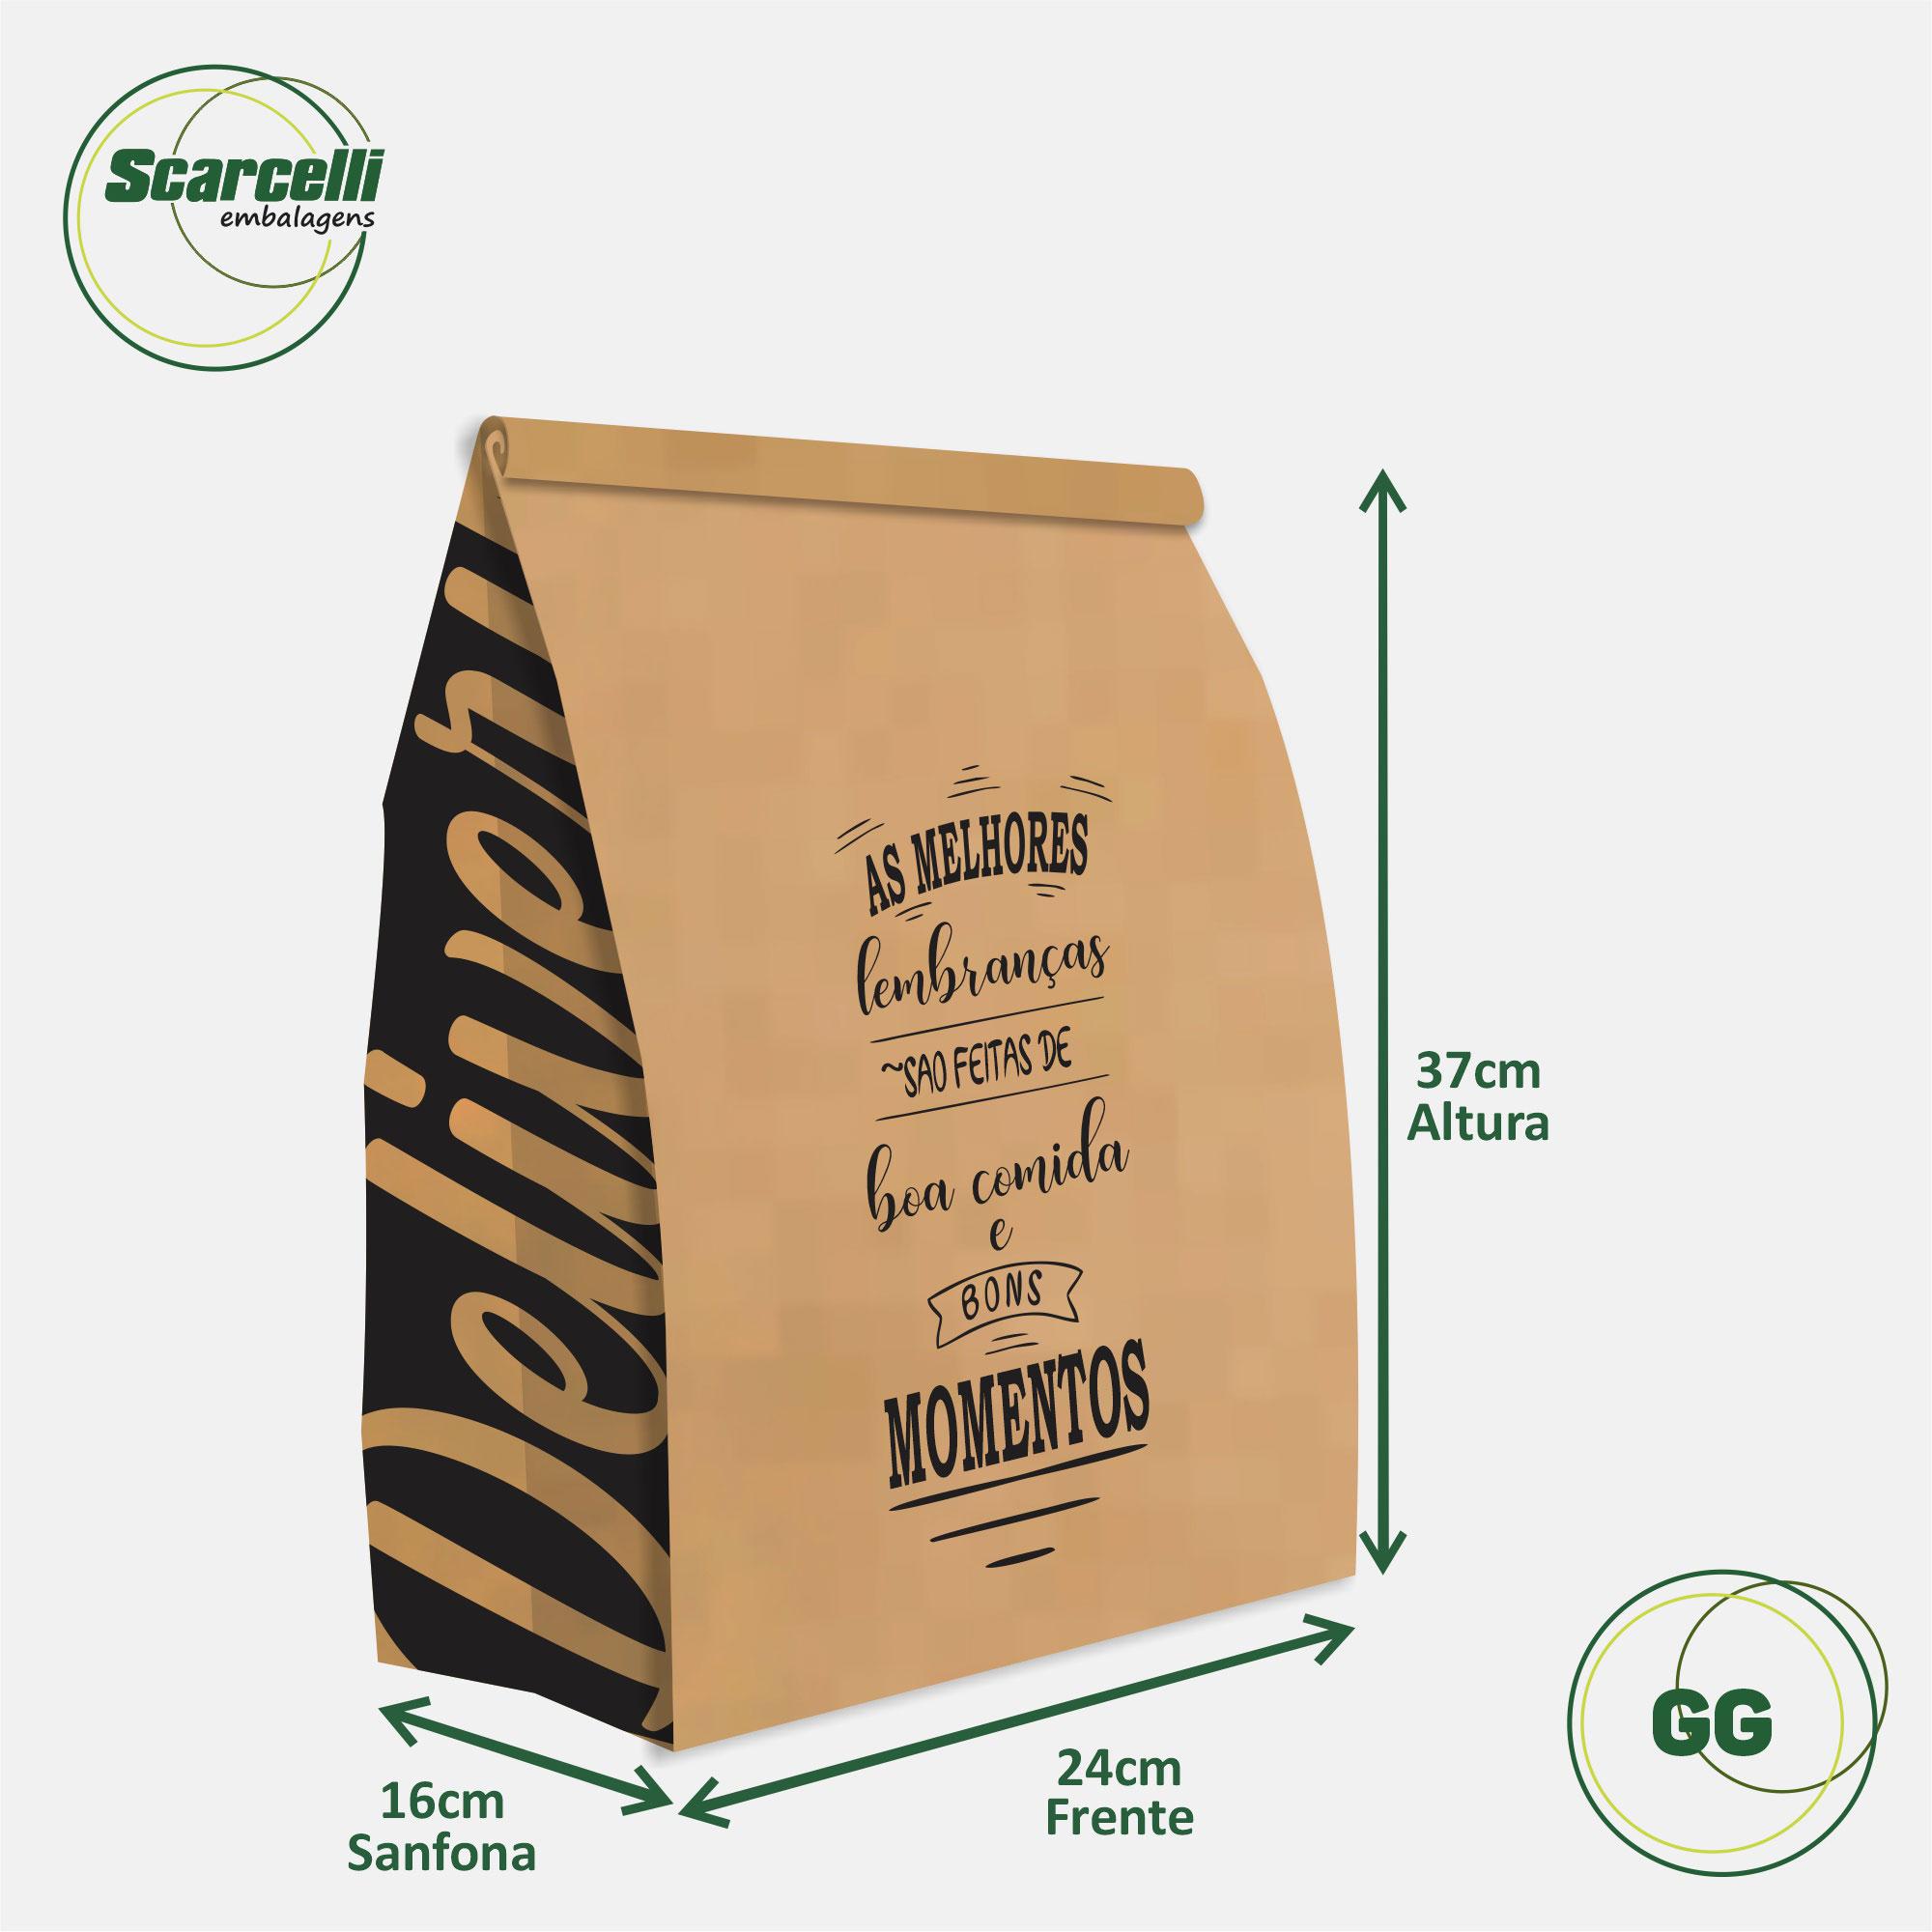 Saco Kraft Delivery GG - As melhores Lembranças (mod 04) - 100 unidades